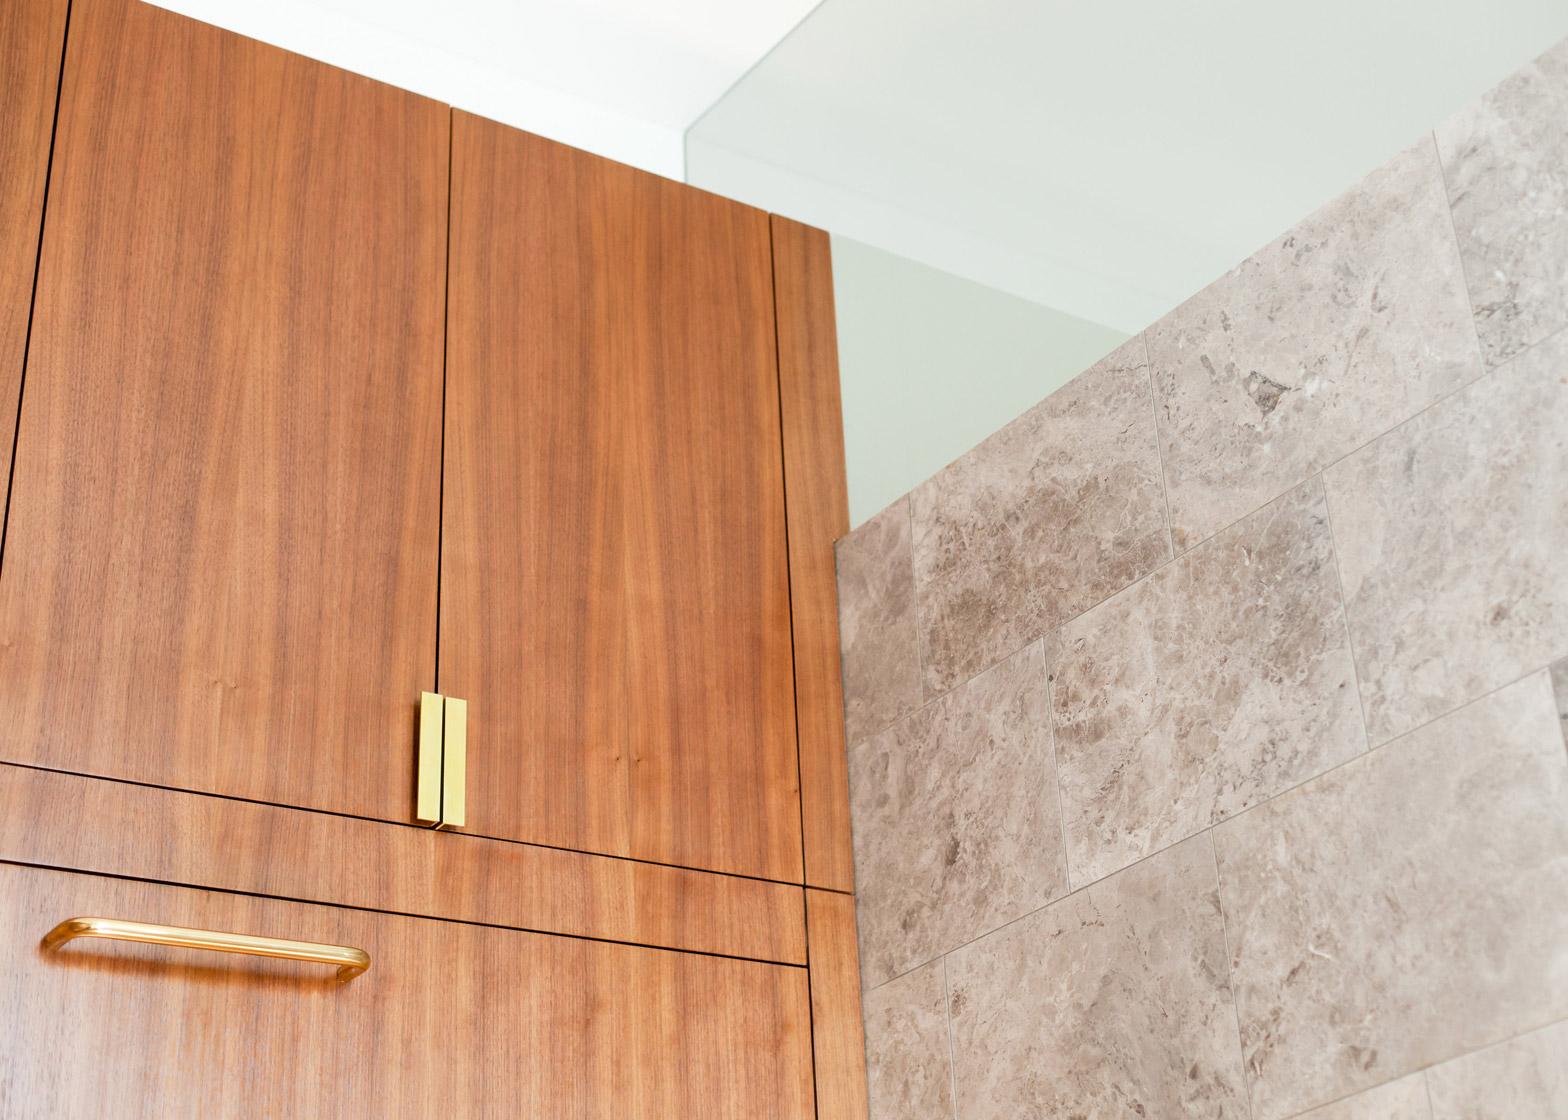 Мраморная плитка на стенах компактной квартиры